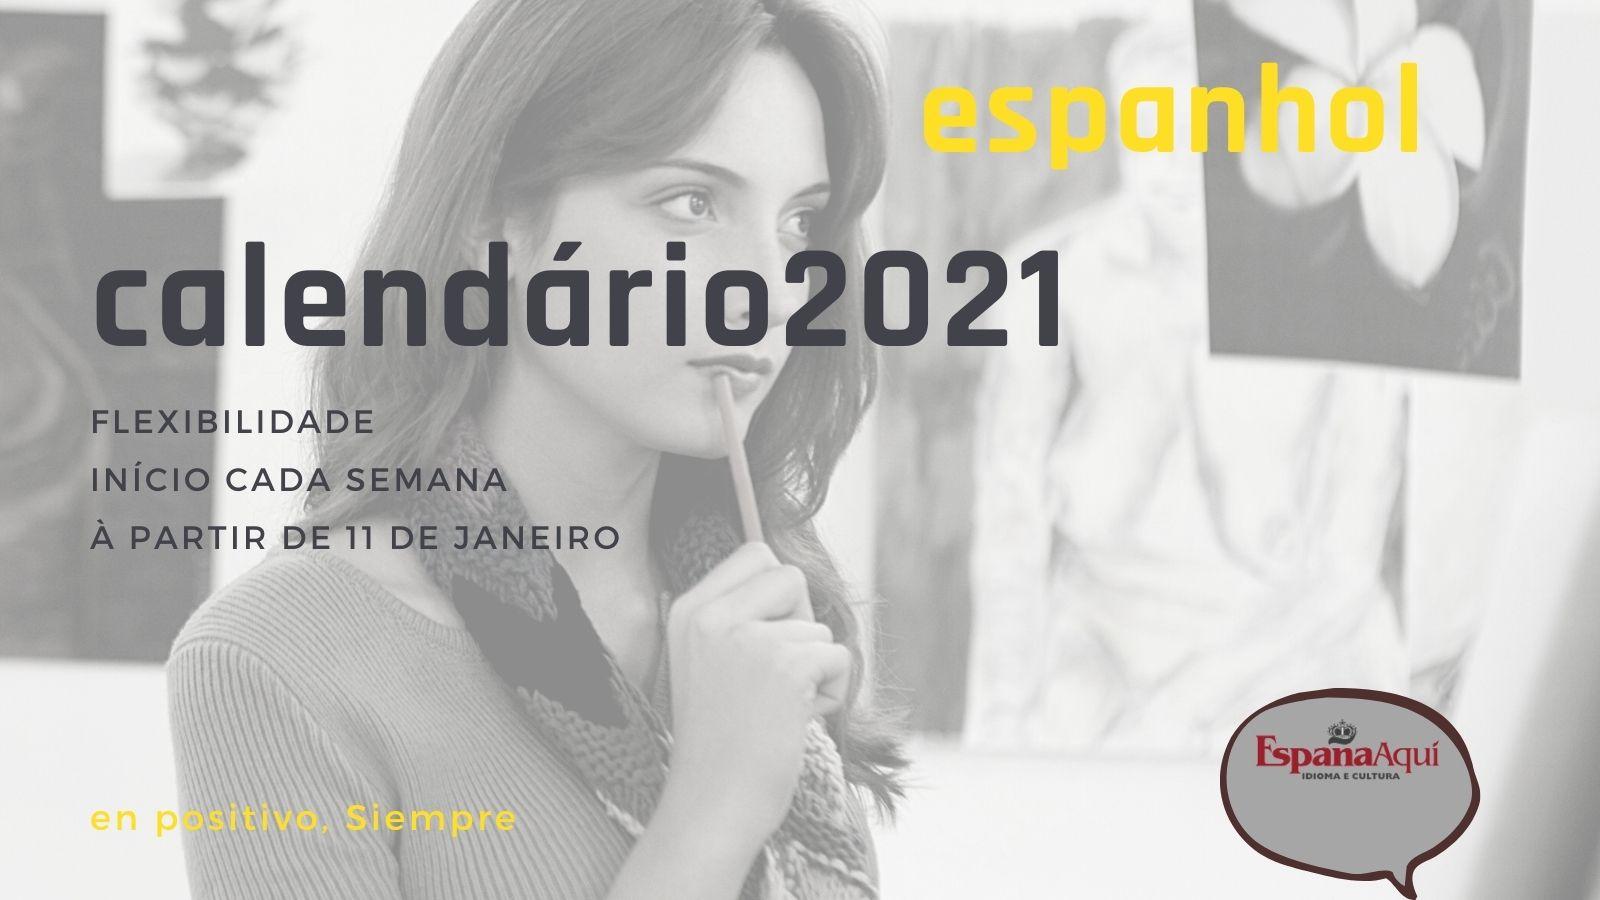 http://www.espanaaqui.com.br/pdf/fevereiro%202021/C%c3%b3pia%20de%20C%c3%b3pia%20de%20o%20melhor%20da%20Espa%c3%b1aAqu%c3%ad.%20%20calend%c3%a1rio%20def.jpg